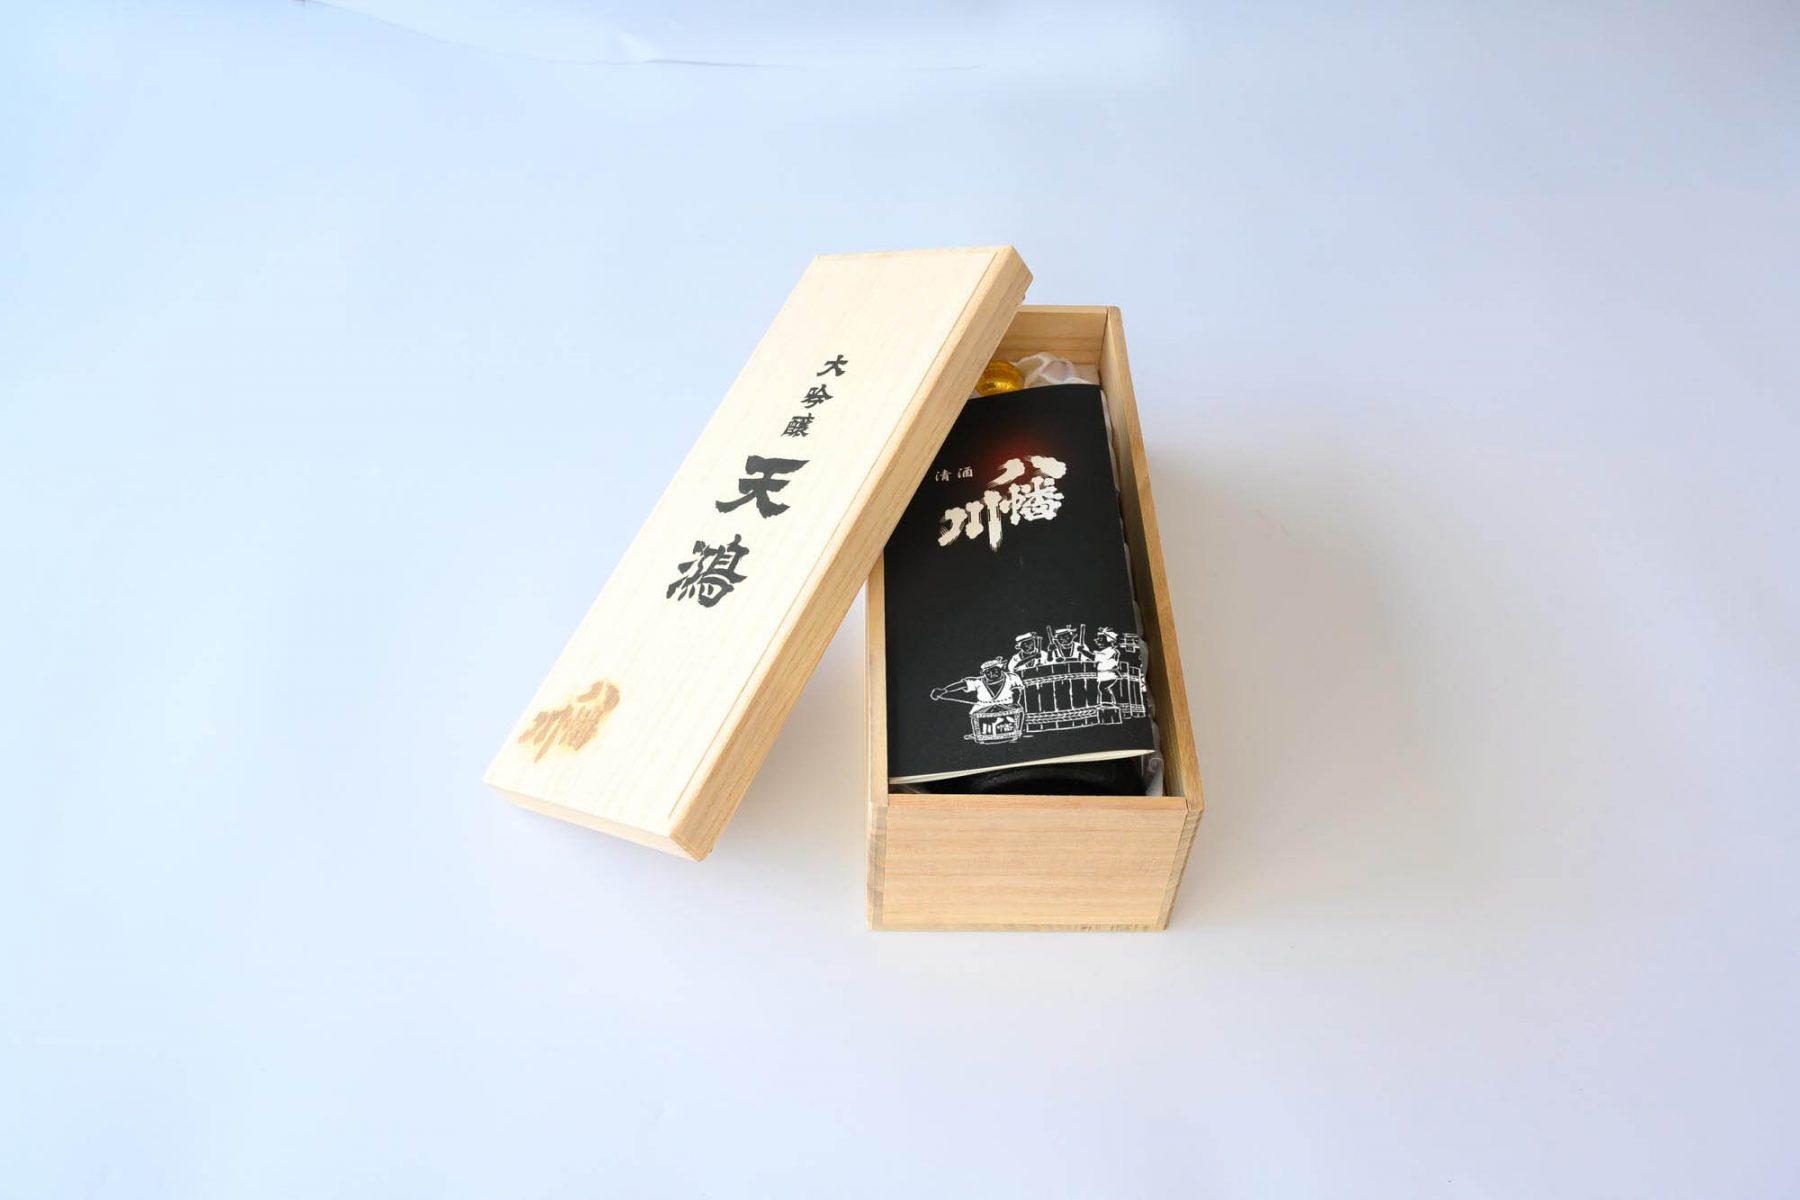 八幡川酒造様 「大吟醸 天鴻」事例